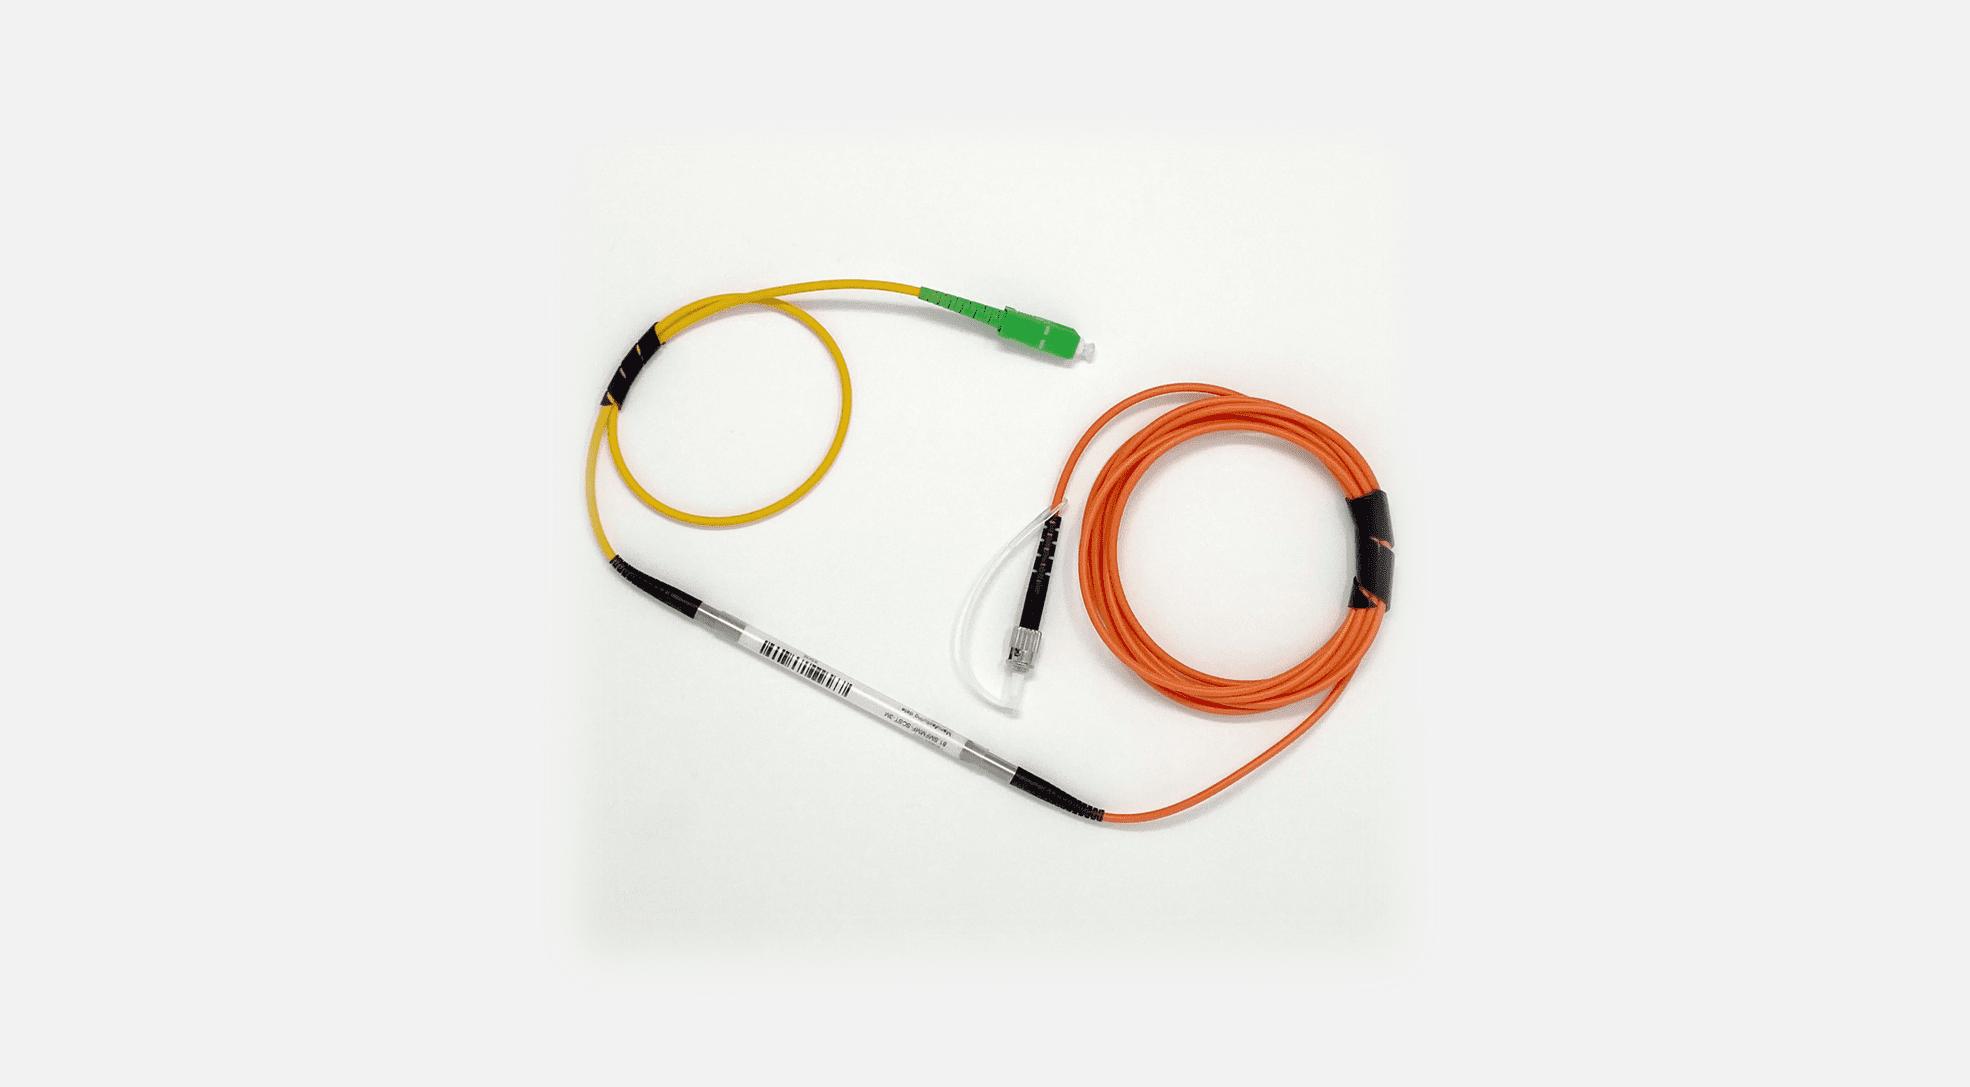 Singlemode to Multimode Fiber Modal Adapter